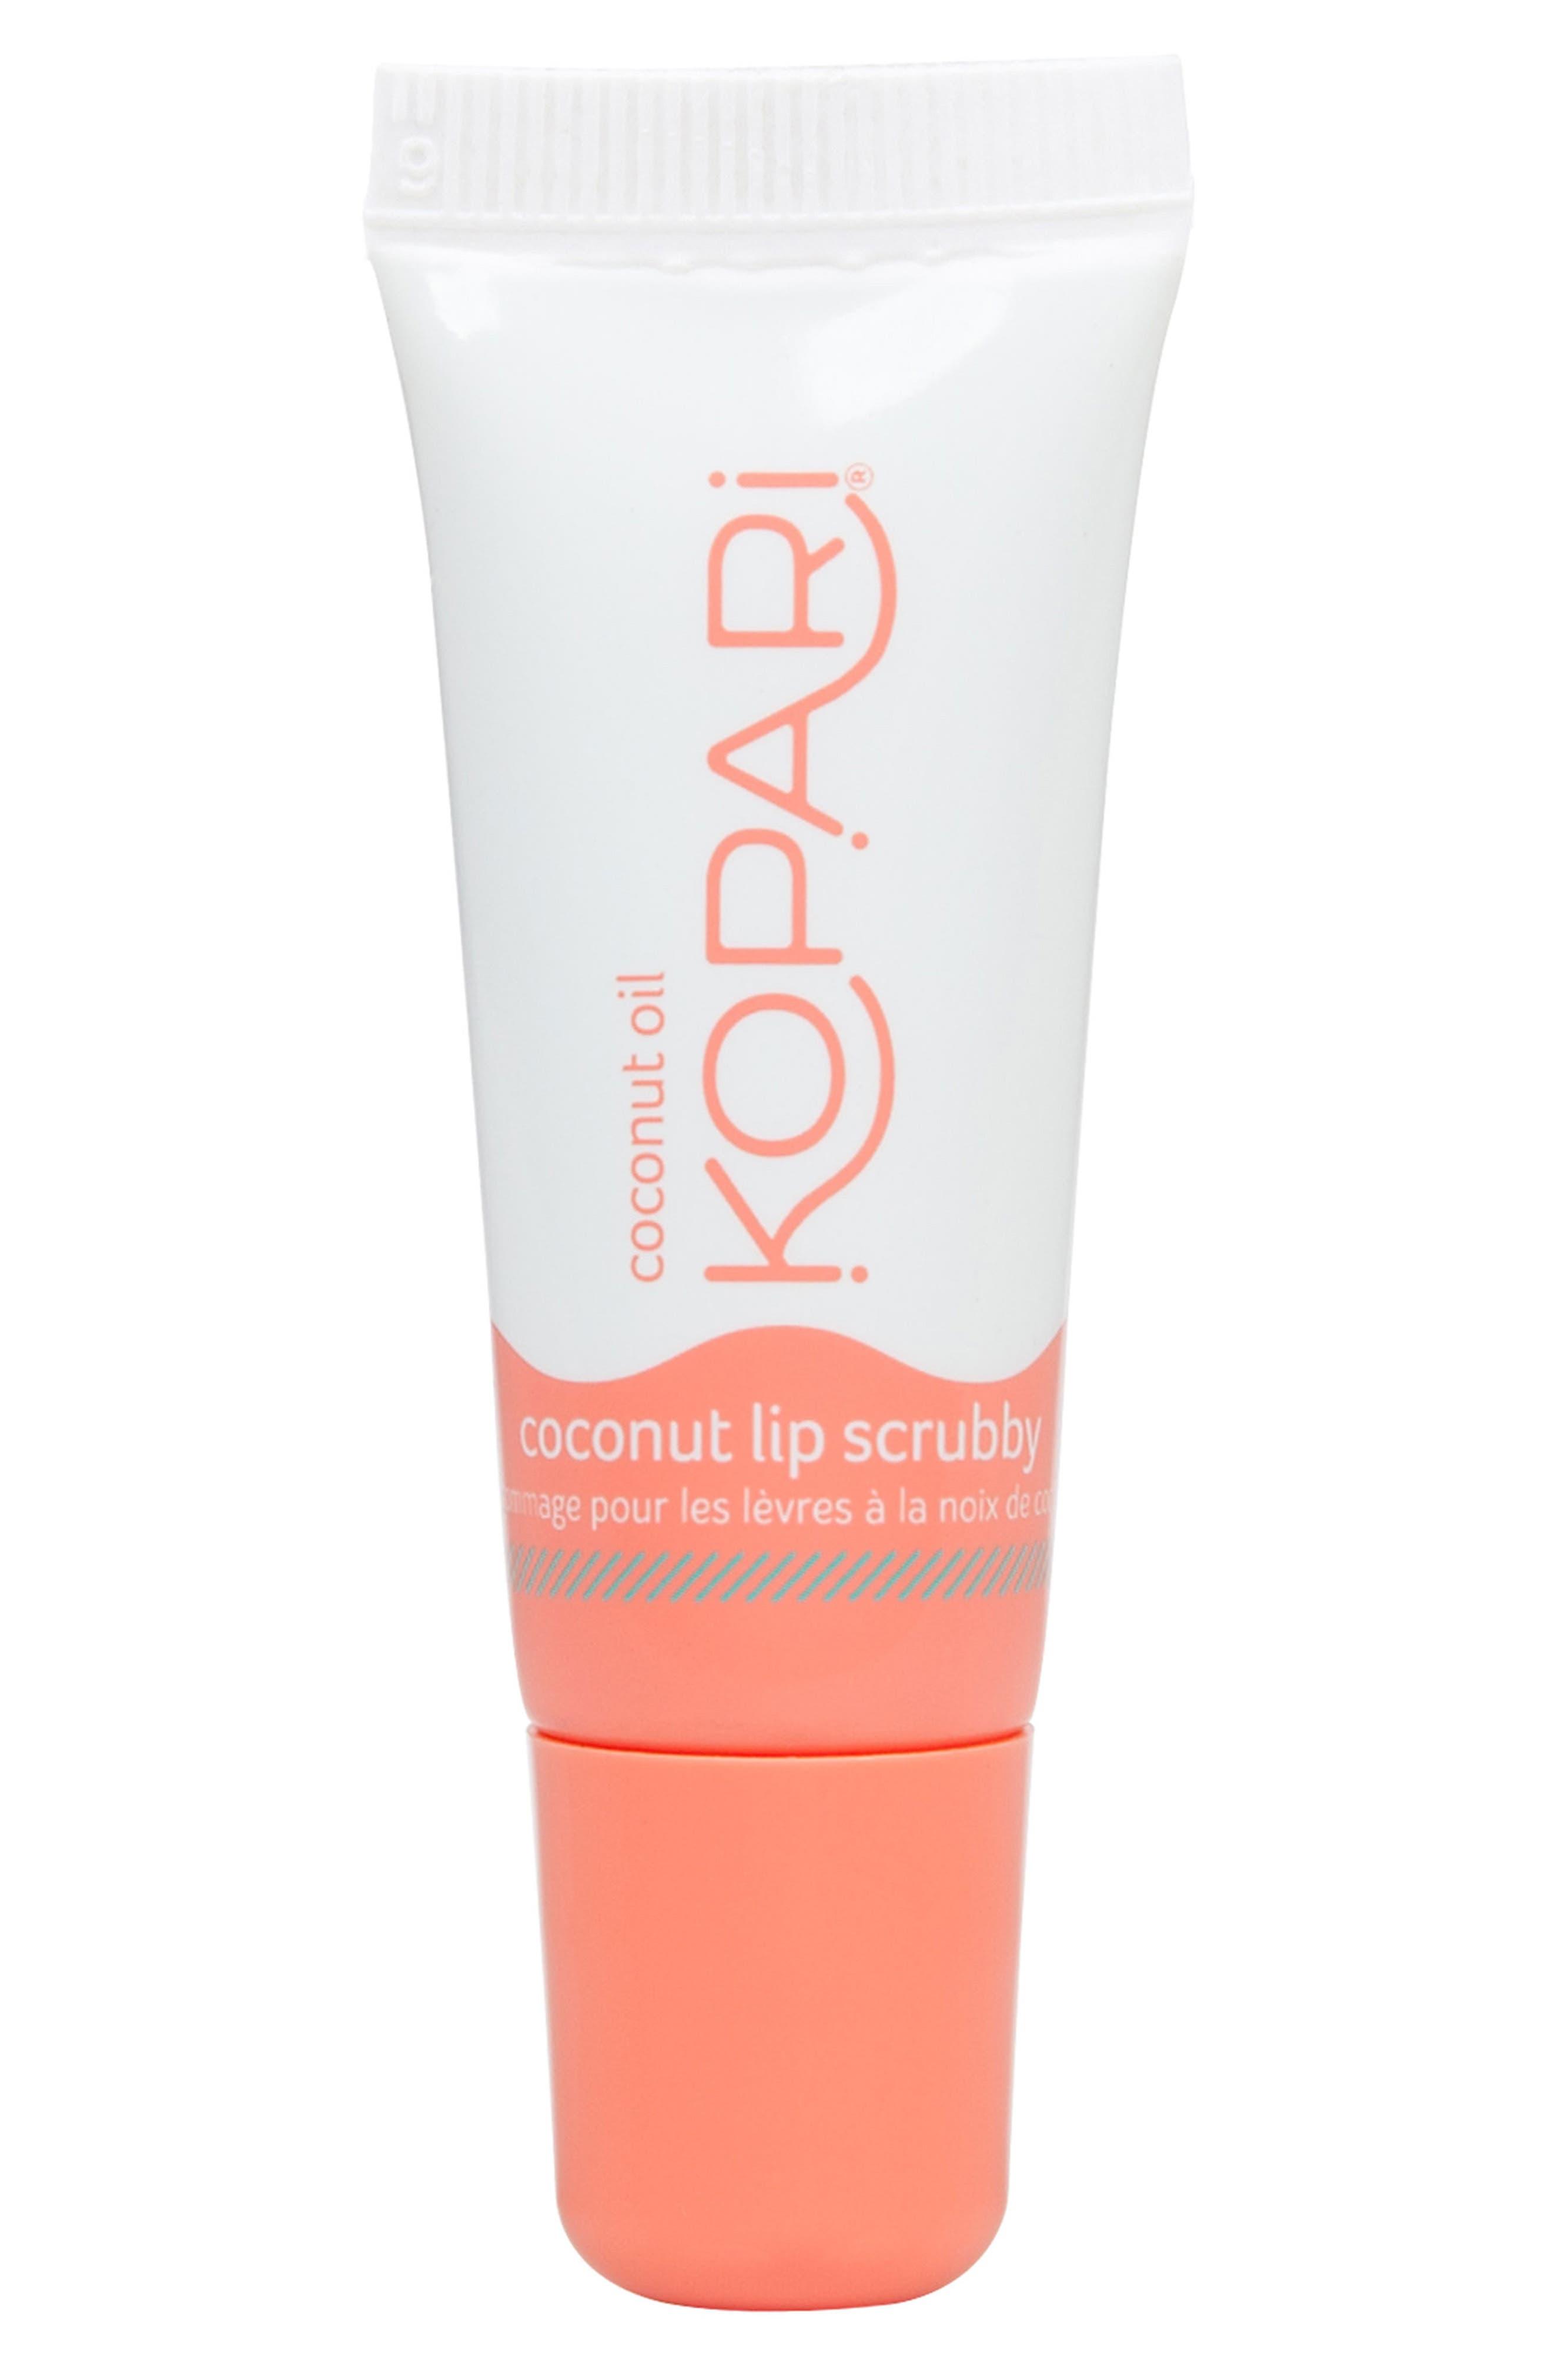 Coconut Lip Scrubby